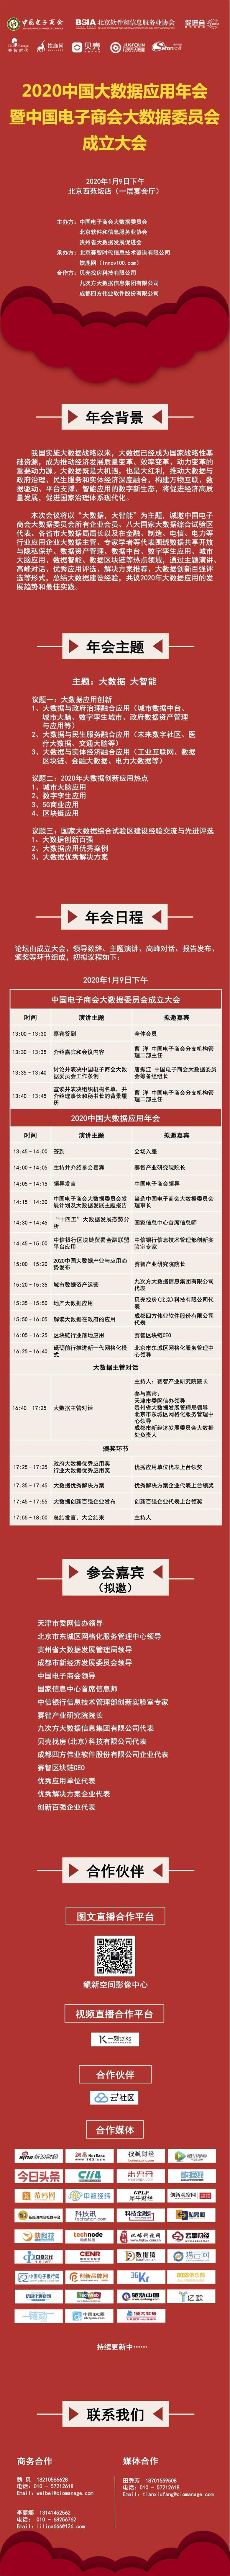 「2020中国大数据应用年会」长图_0107.jpg